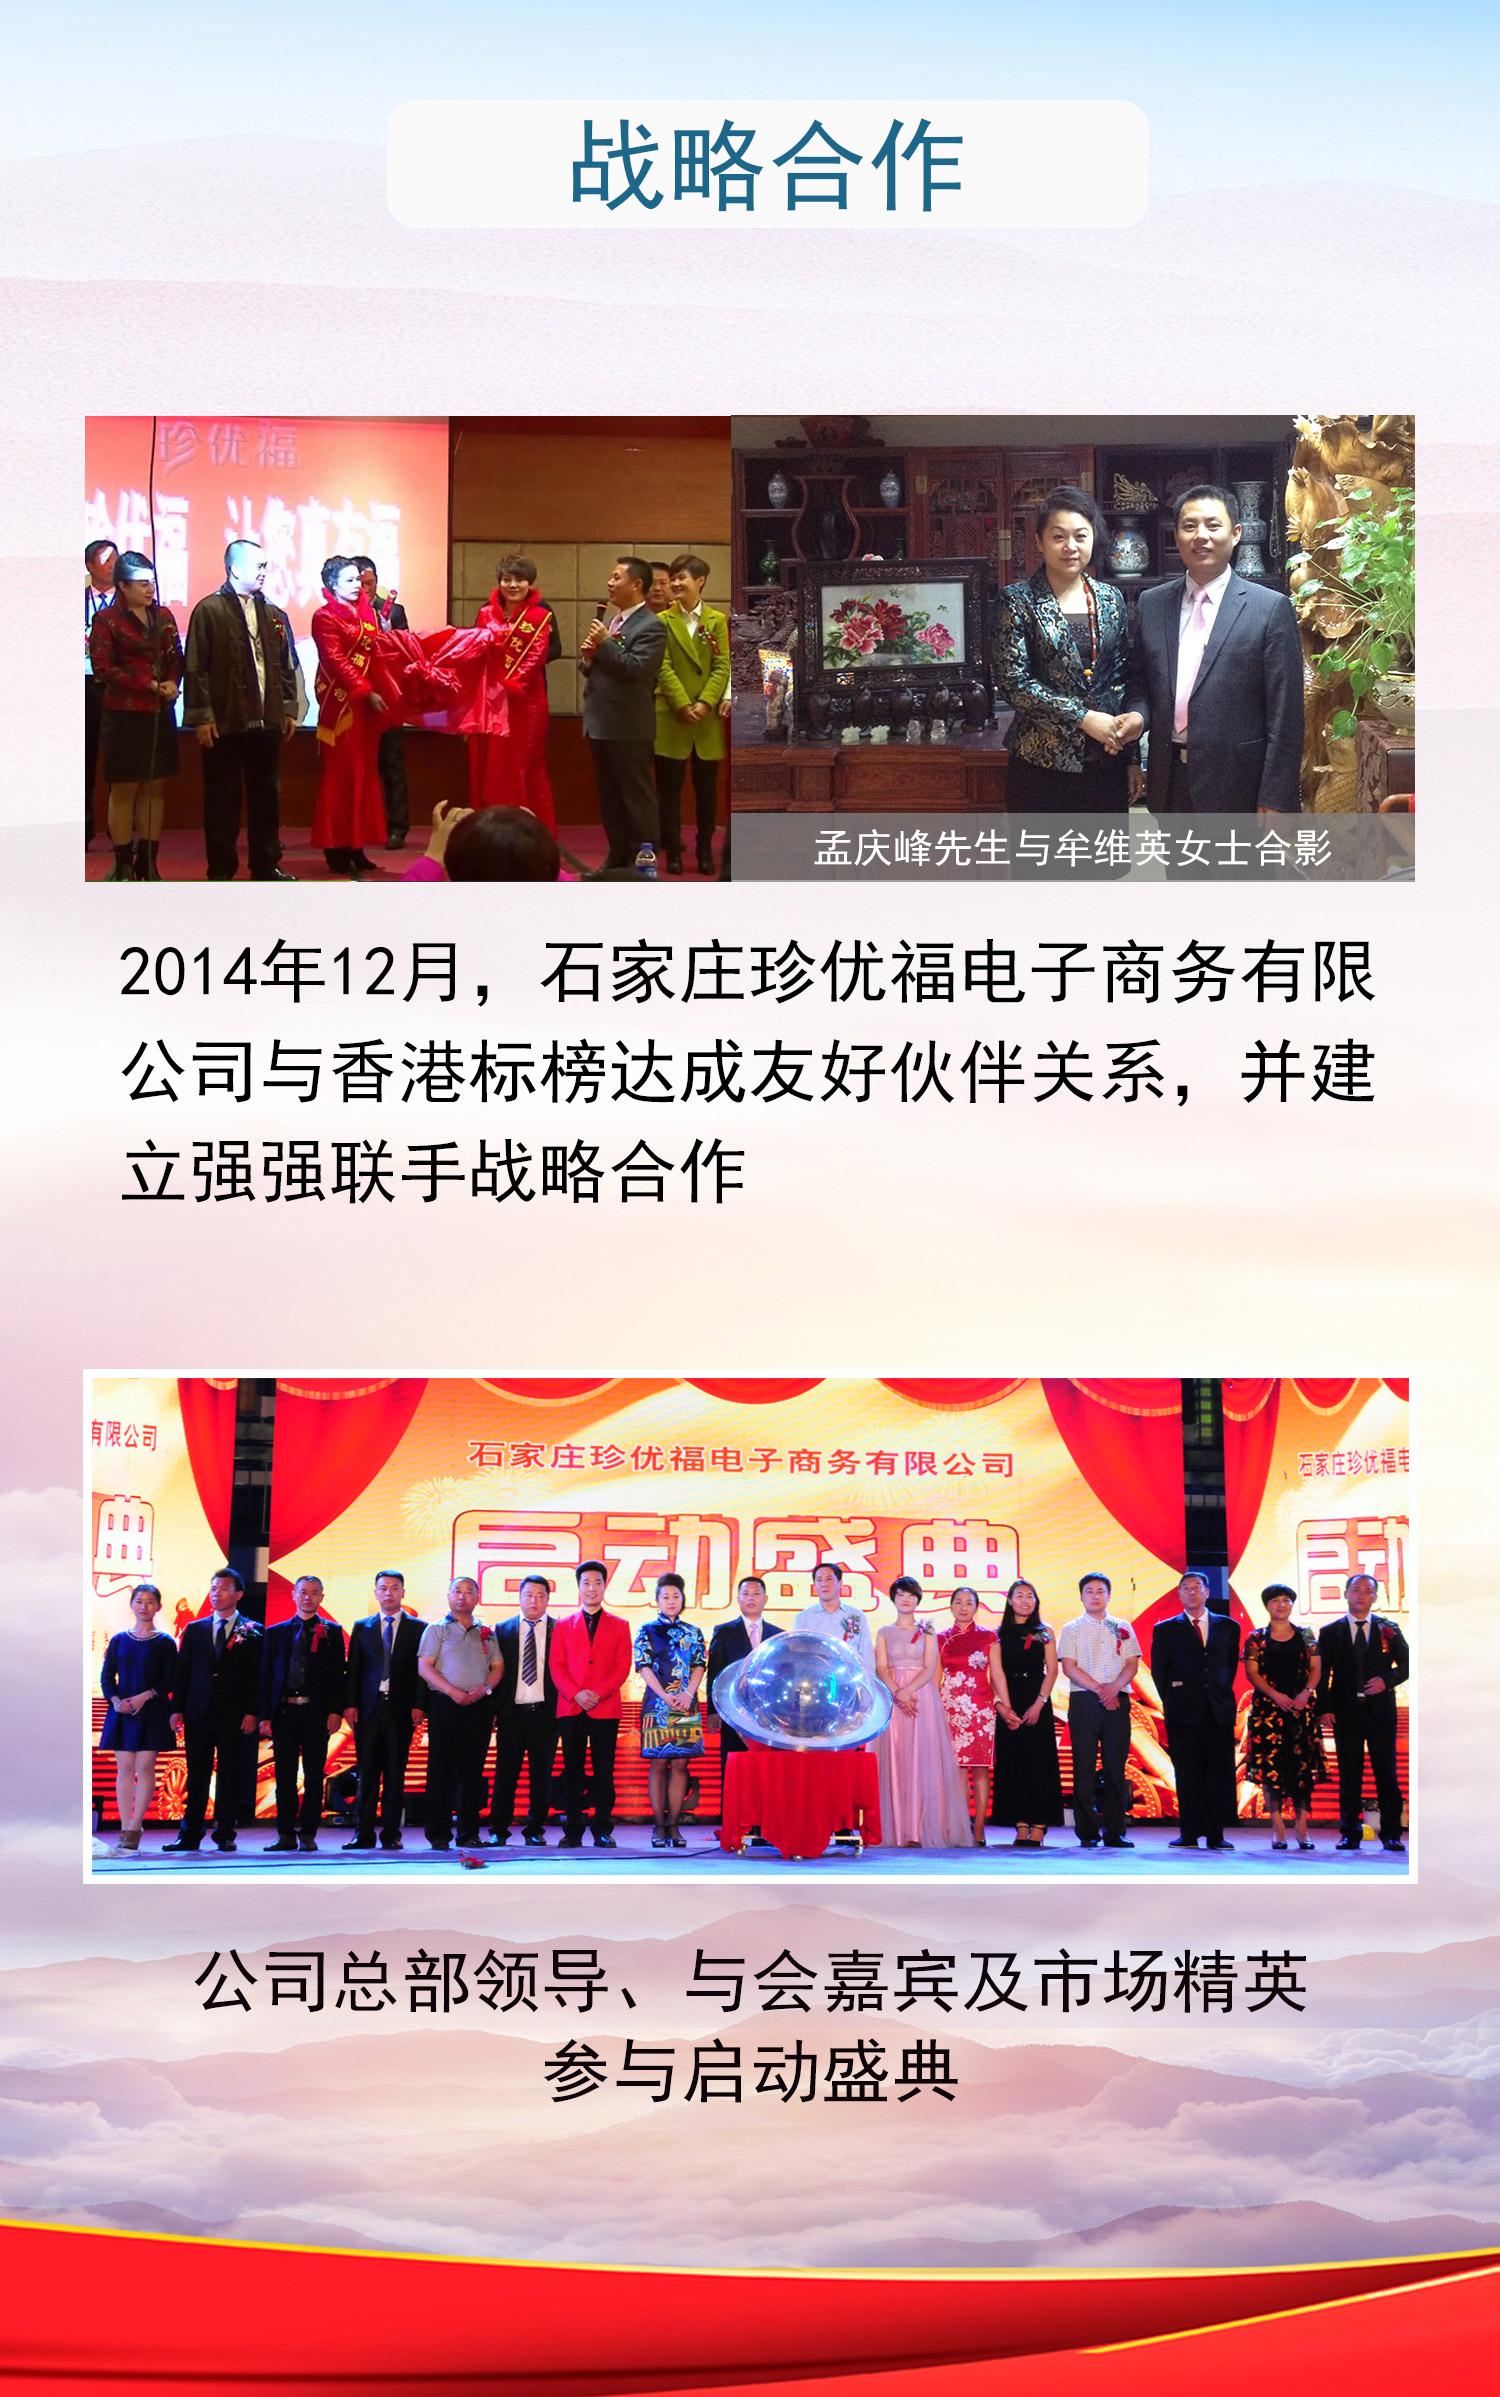 http://image.zhenyoufu.com.cn/shop/article/06711082975731379.jpg